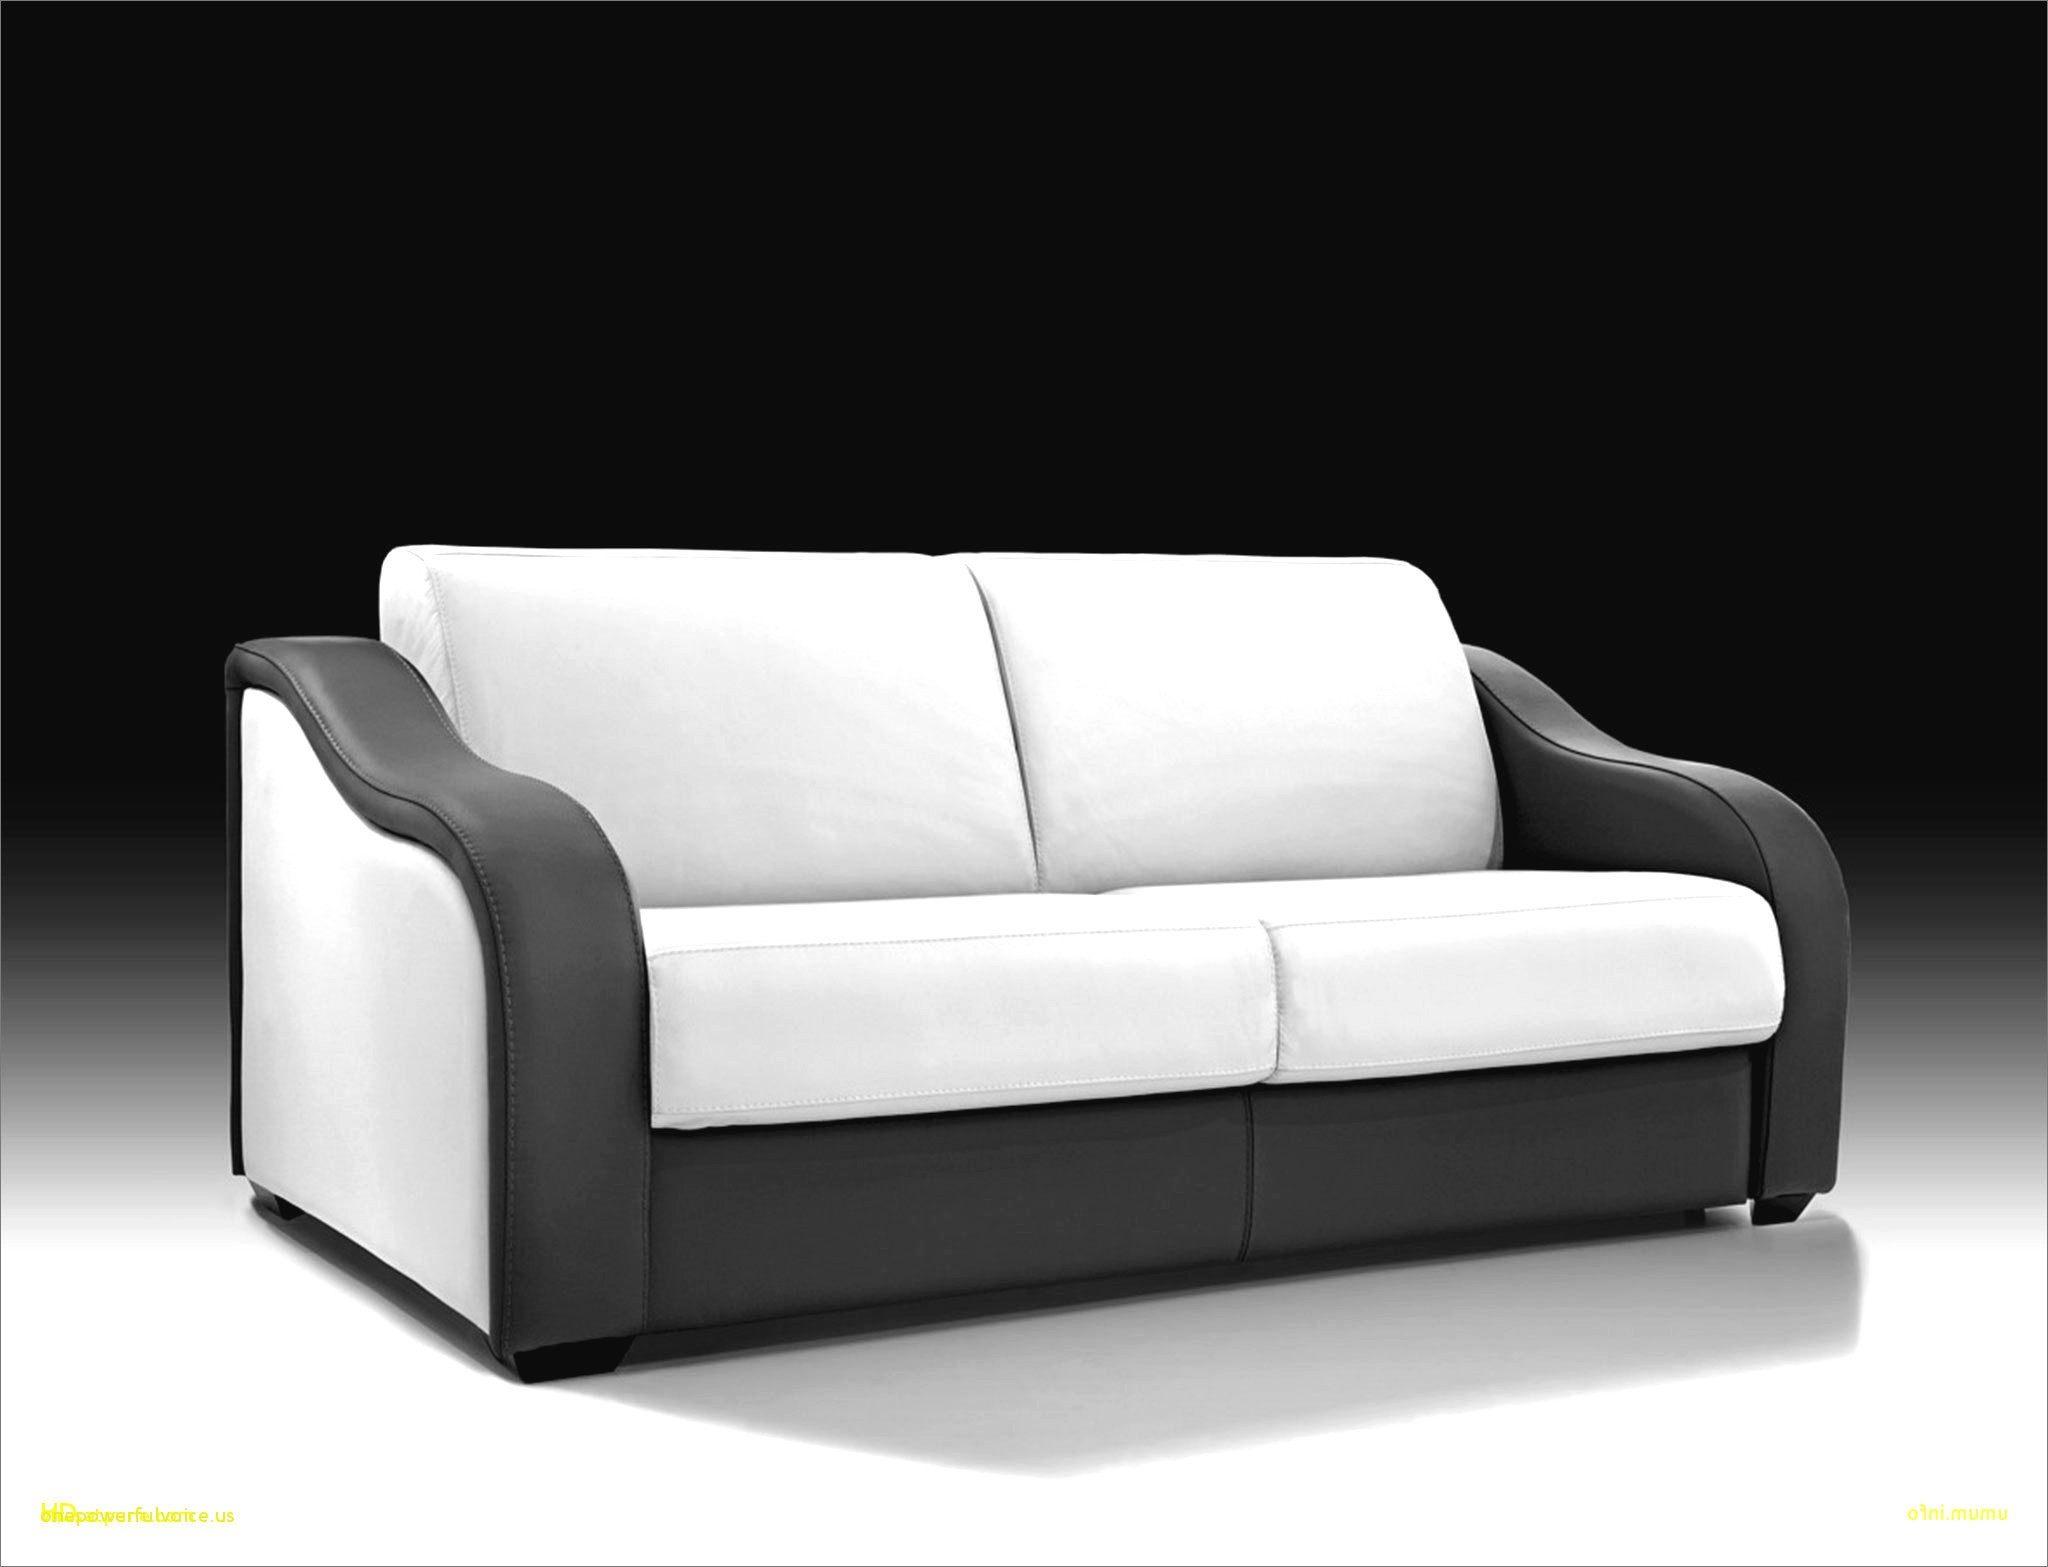 Canapé Lit 140 Bel Canapé Convertible Vrai Lit Canapé Lit Deux Places Awesome Ikea Lit